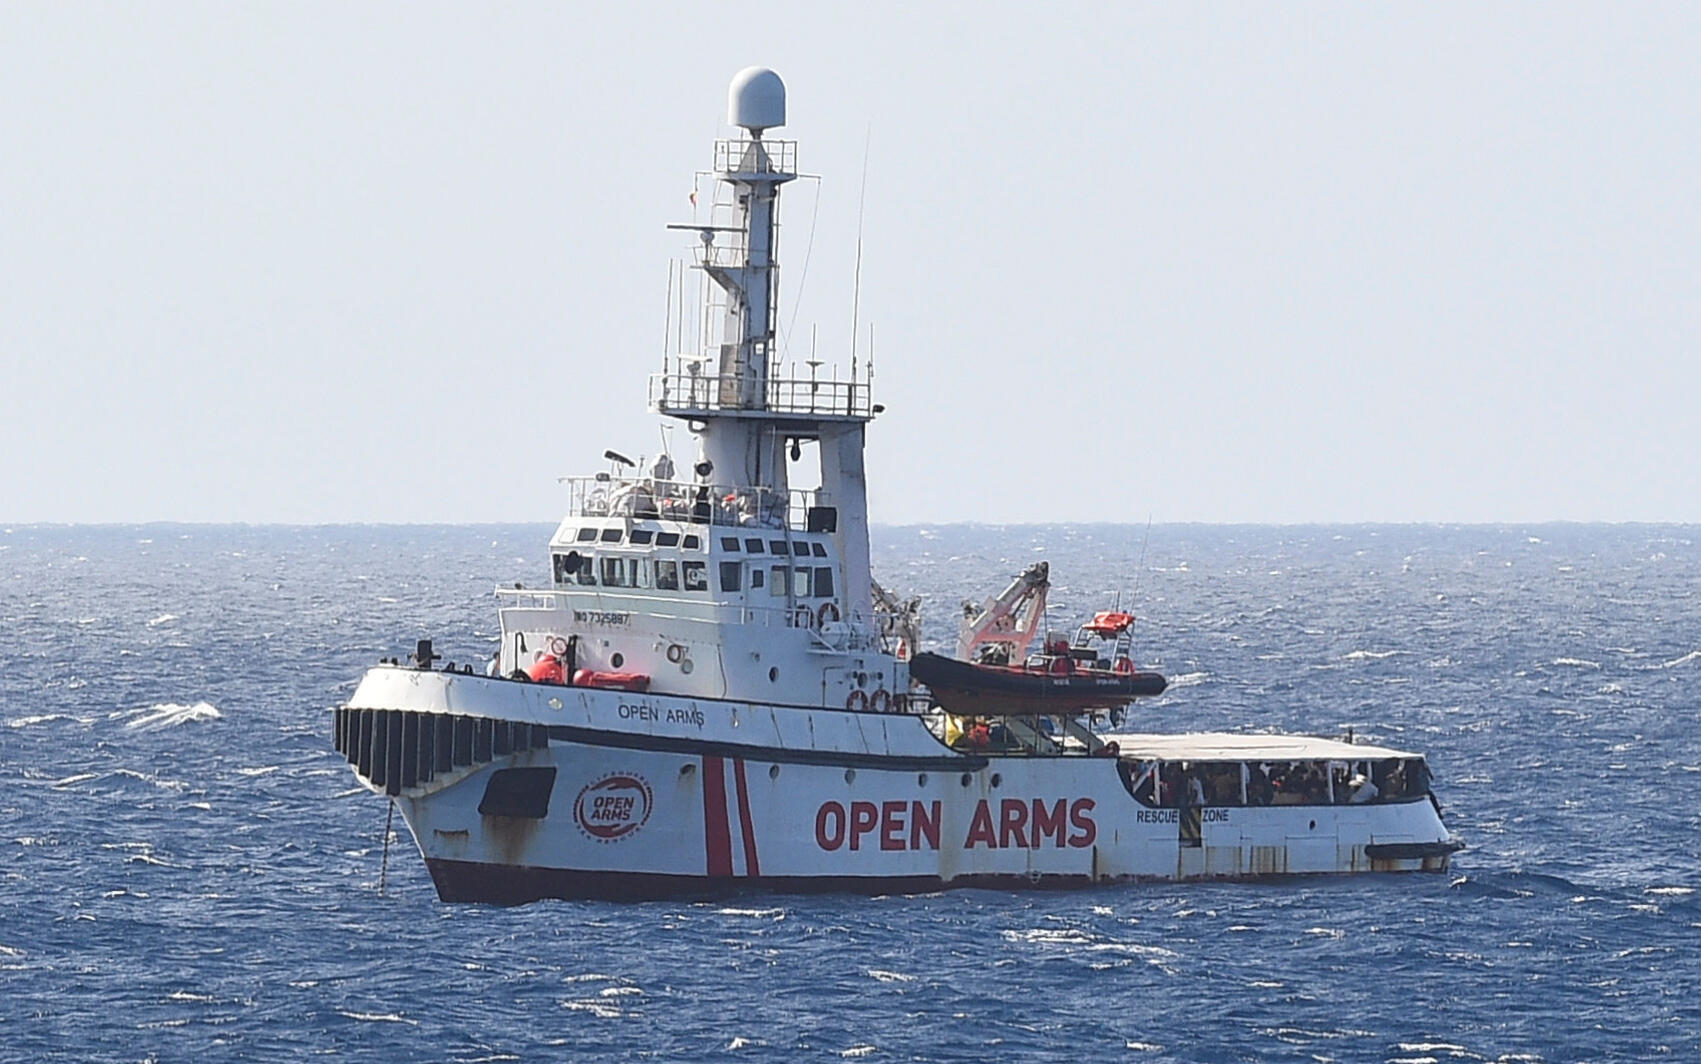 Tàu cứu thuyền nhân Open Arms gần bờ biển ở Lampedusa, Ý, ngày 15/08/2019.